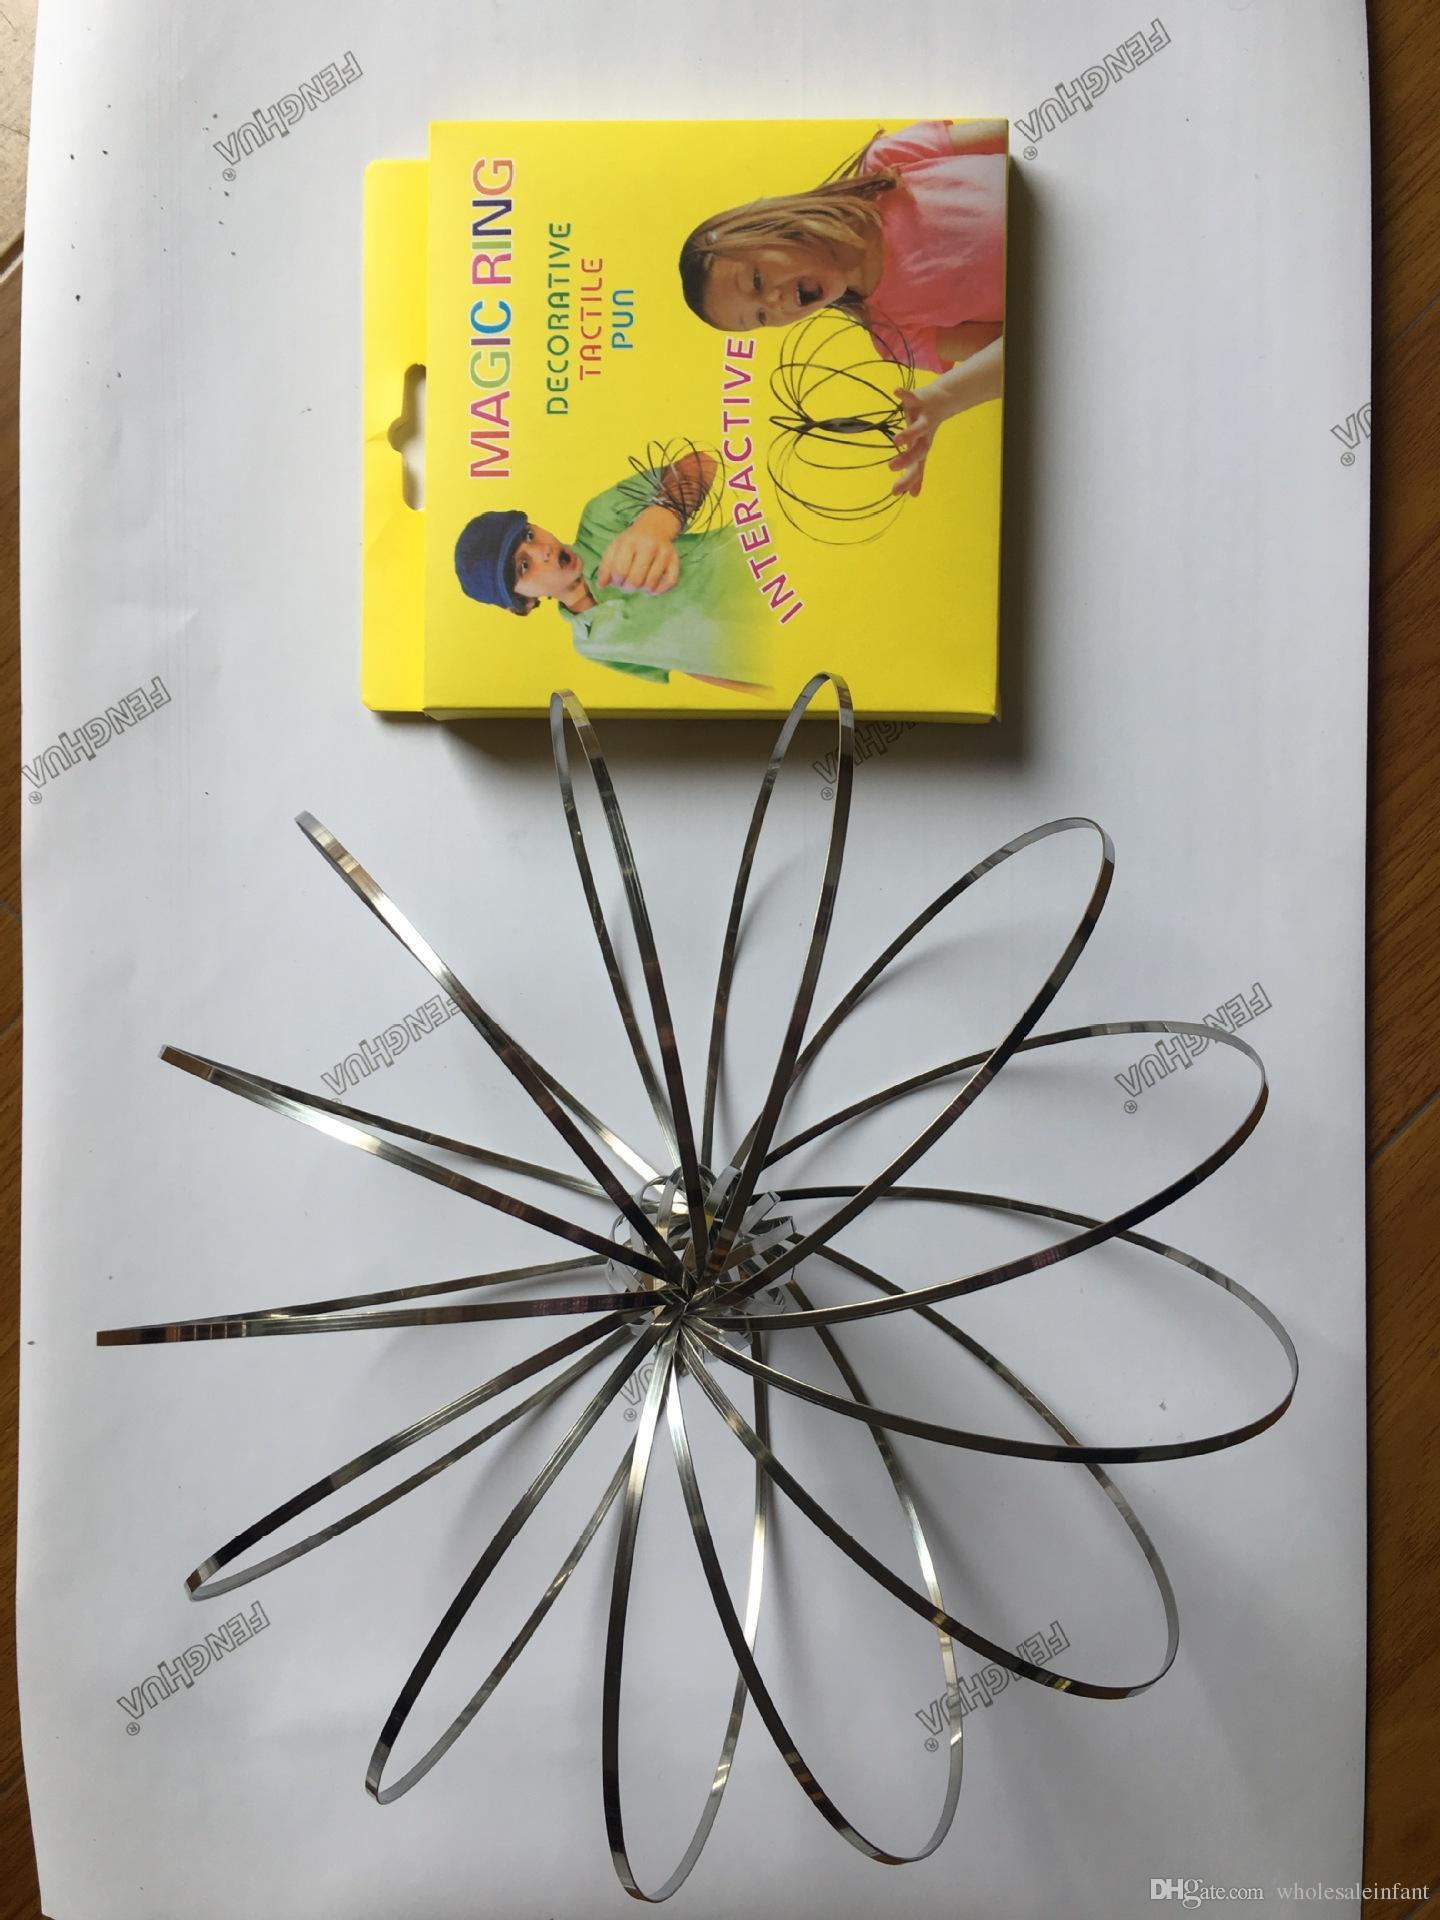 Оптовая xmax подарки металла Toroflux поток кольцо игрушка голографическая По во время движения создает кольцо поток Радуга игрушки поток кольца OTH571